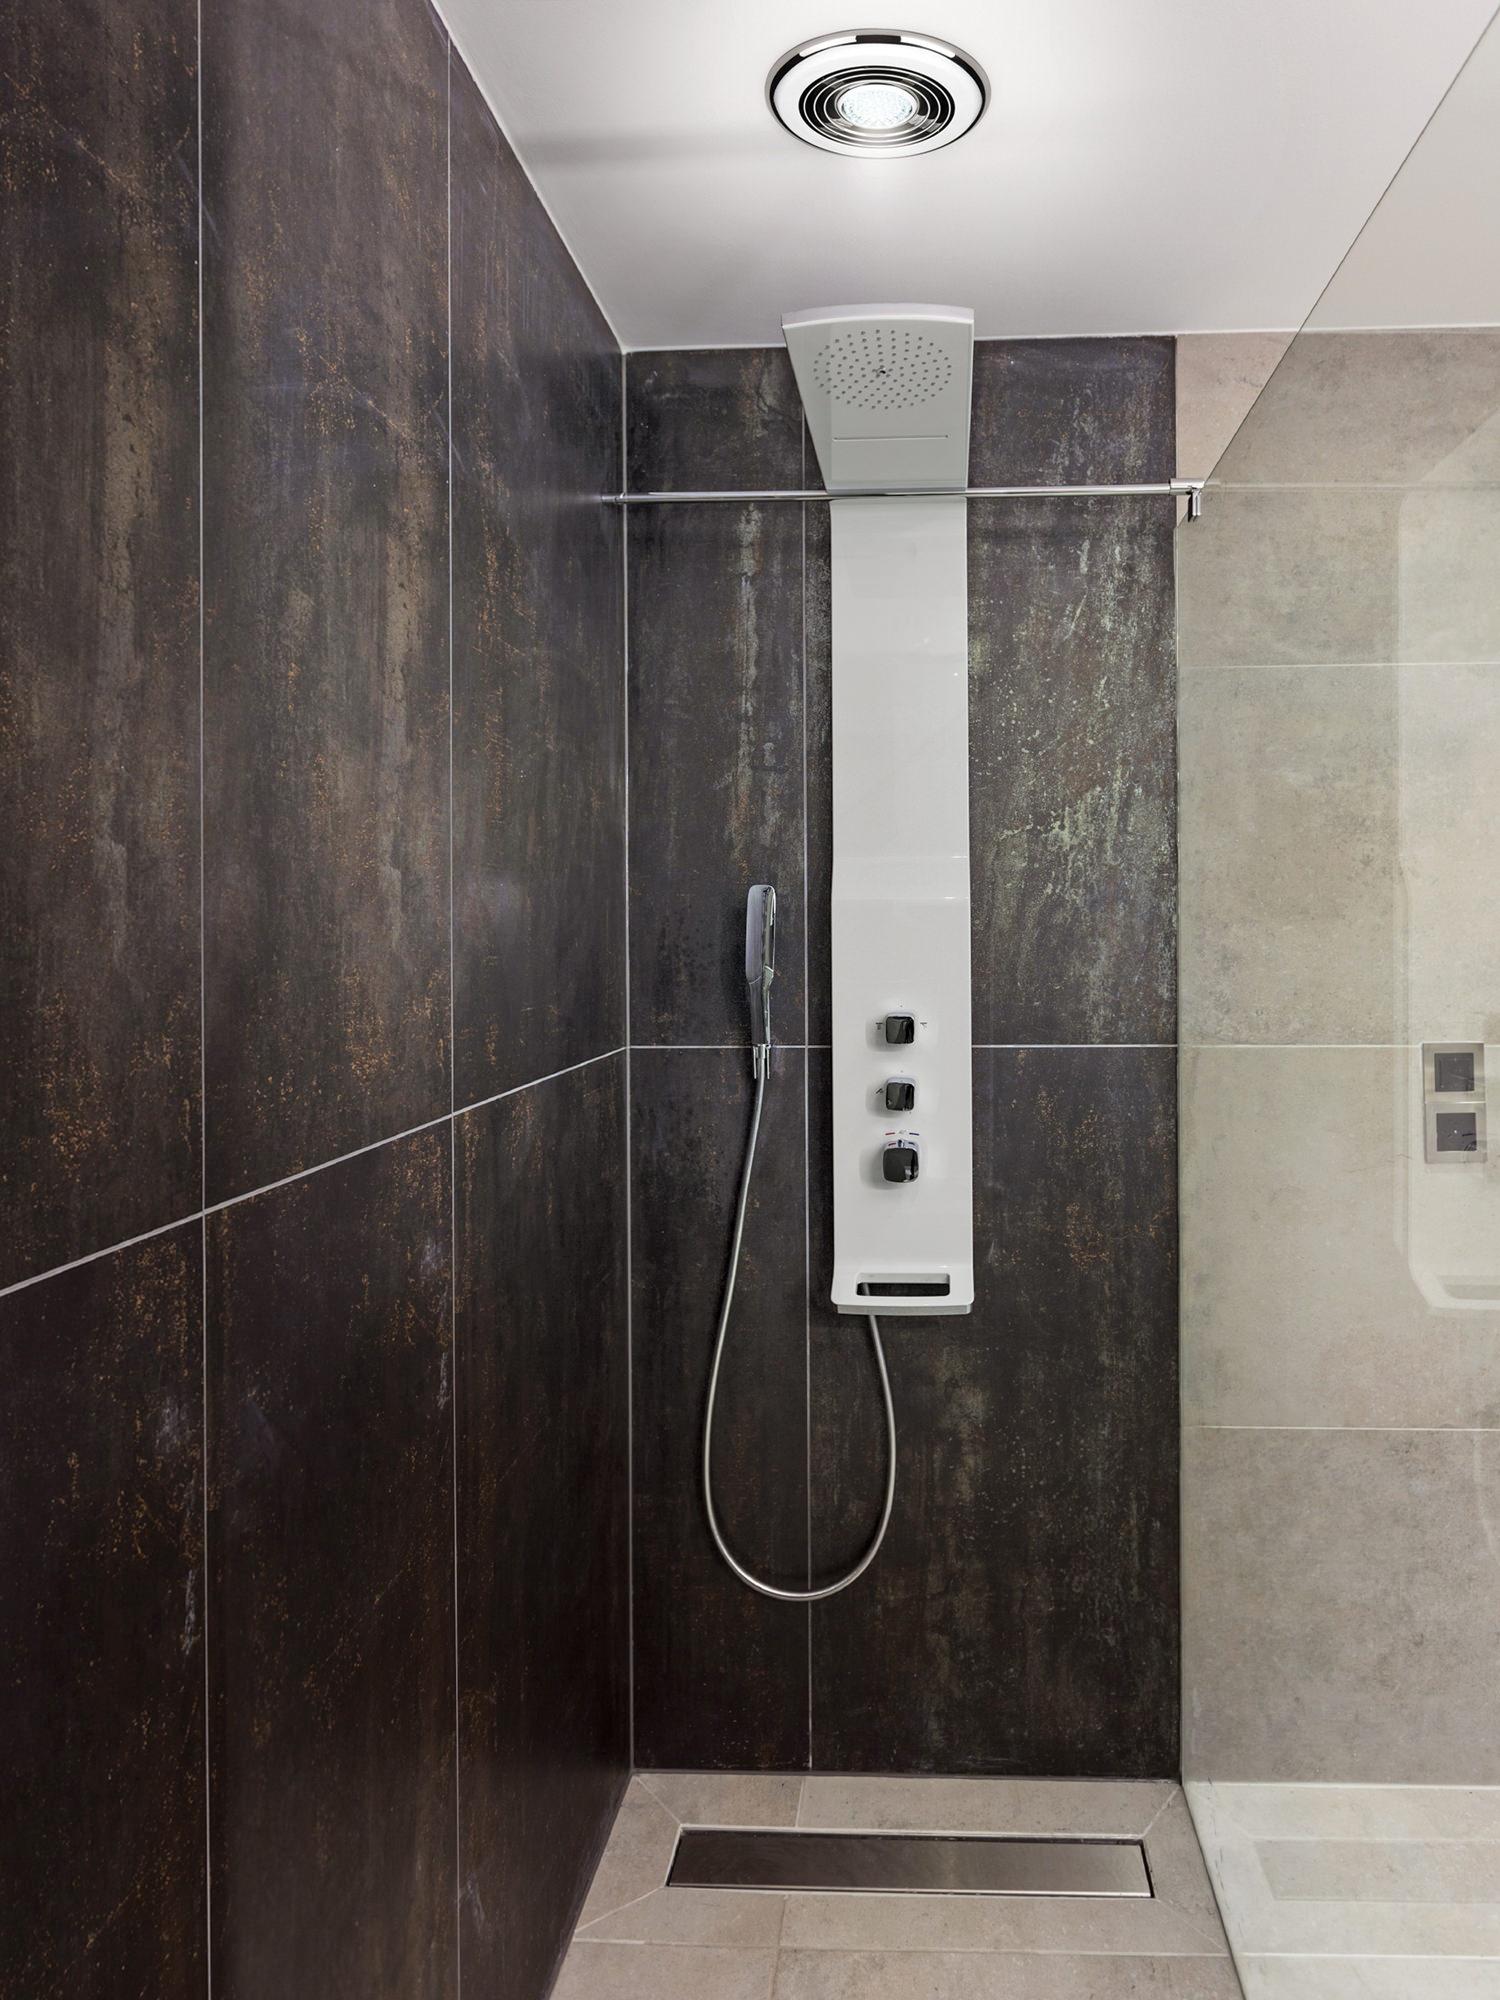 Вытяжка в ванной с подсветкой